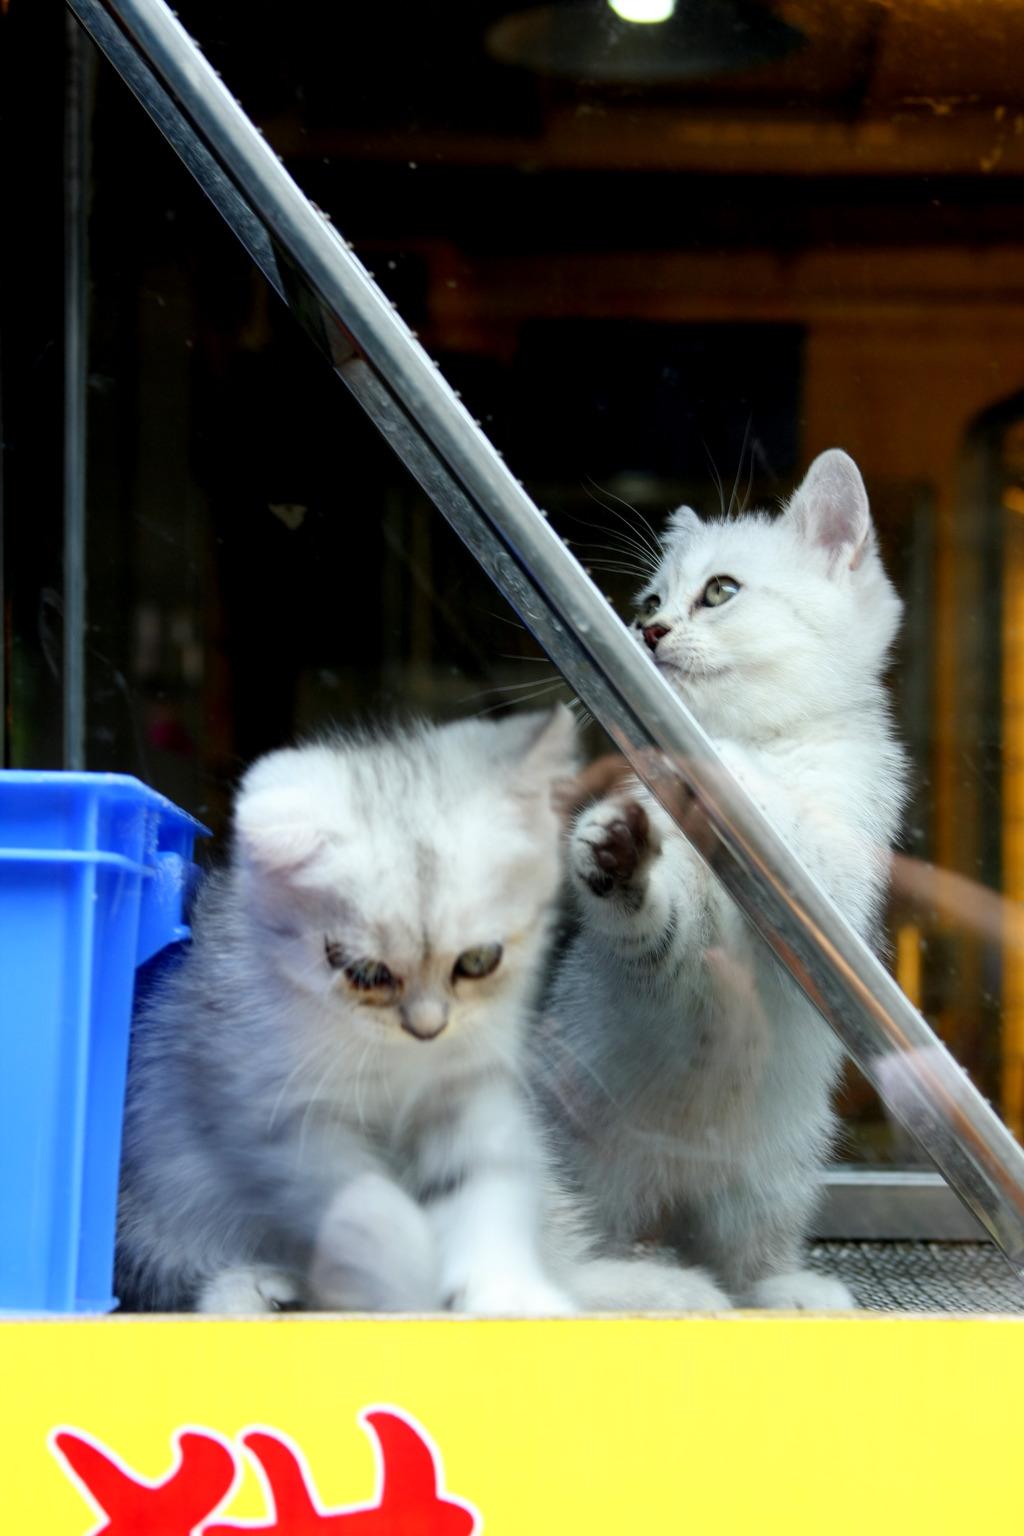 手机锁屏壁纸爱情俩个小猫